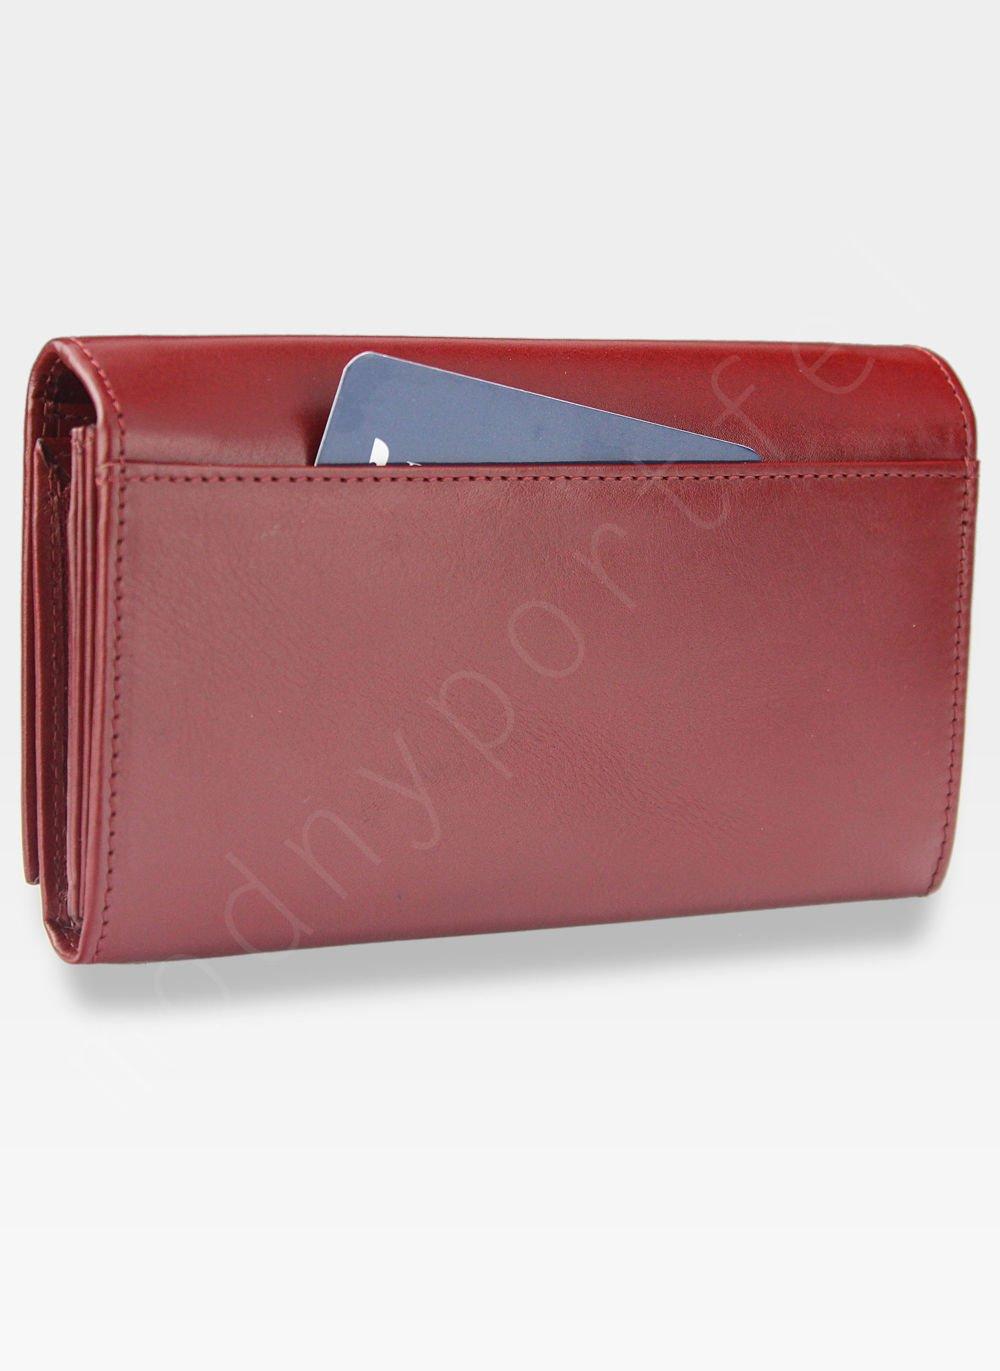 f9be1d999358 ... Portfel Damski Skórzany PUCCINI Rozbudowany Czerwony Dla Leworęcznych MU  1706 Kliknij